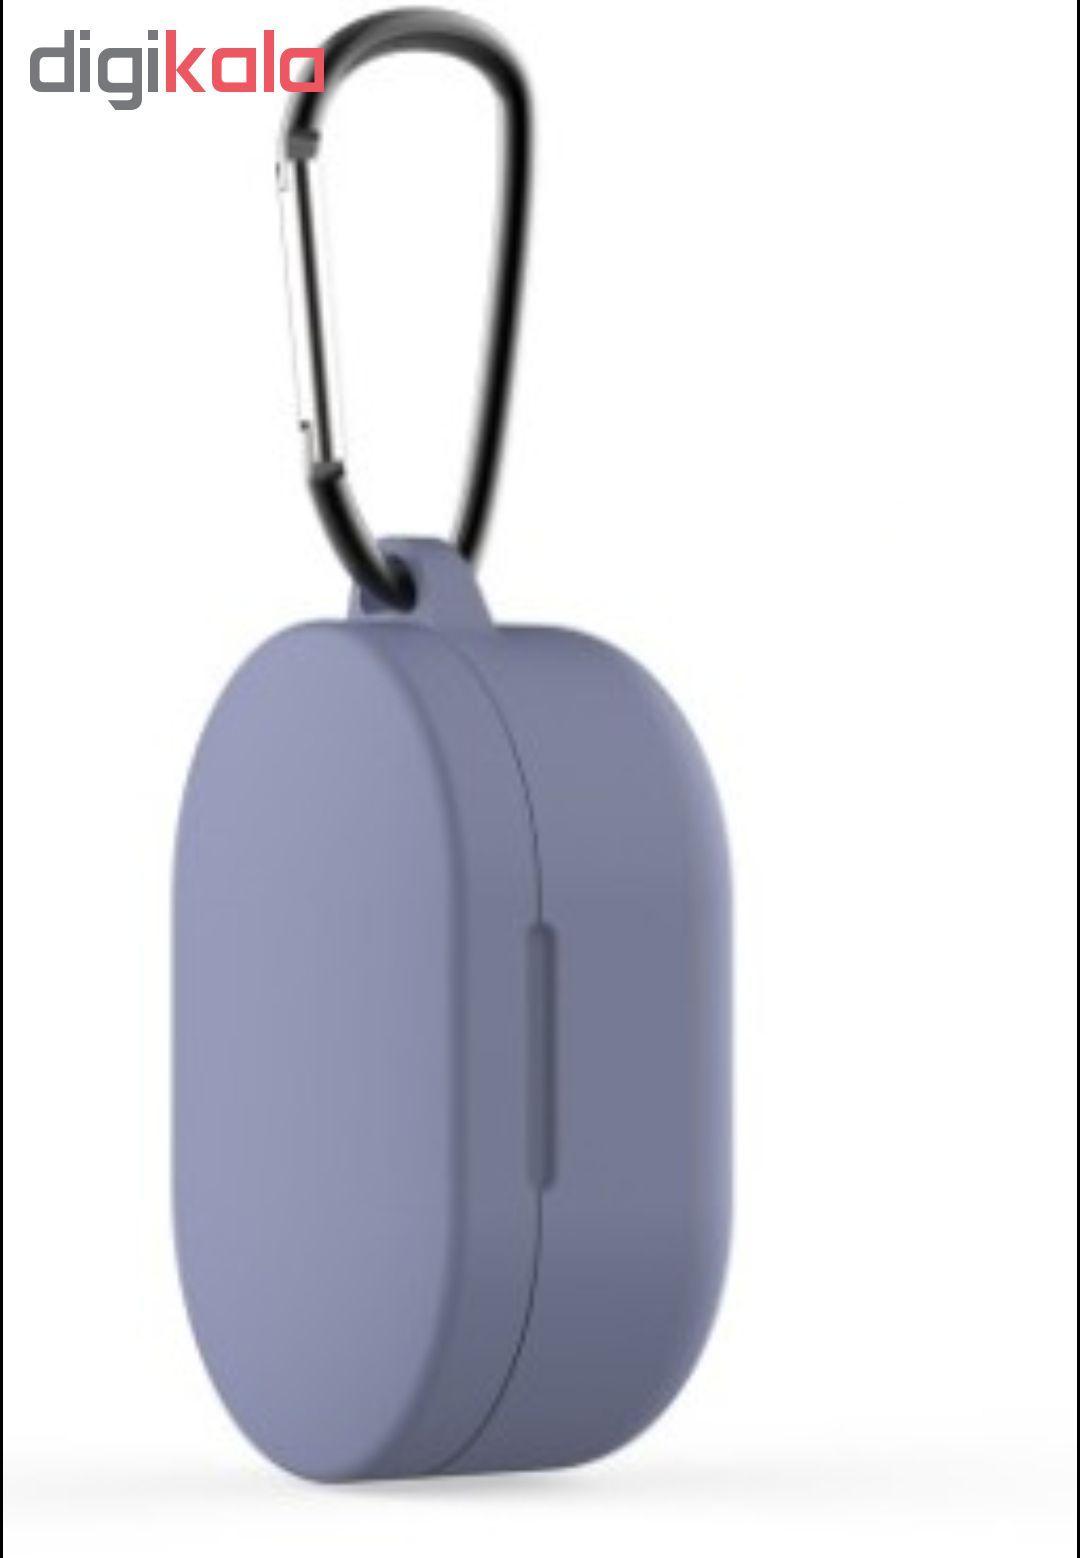 کاور رینیکا  کد ho1 مناسب برای کیس شیائومی redmi airdots/earbuds basic main 1 4